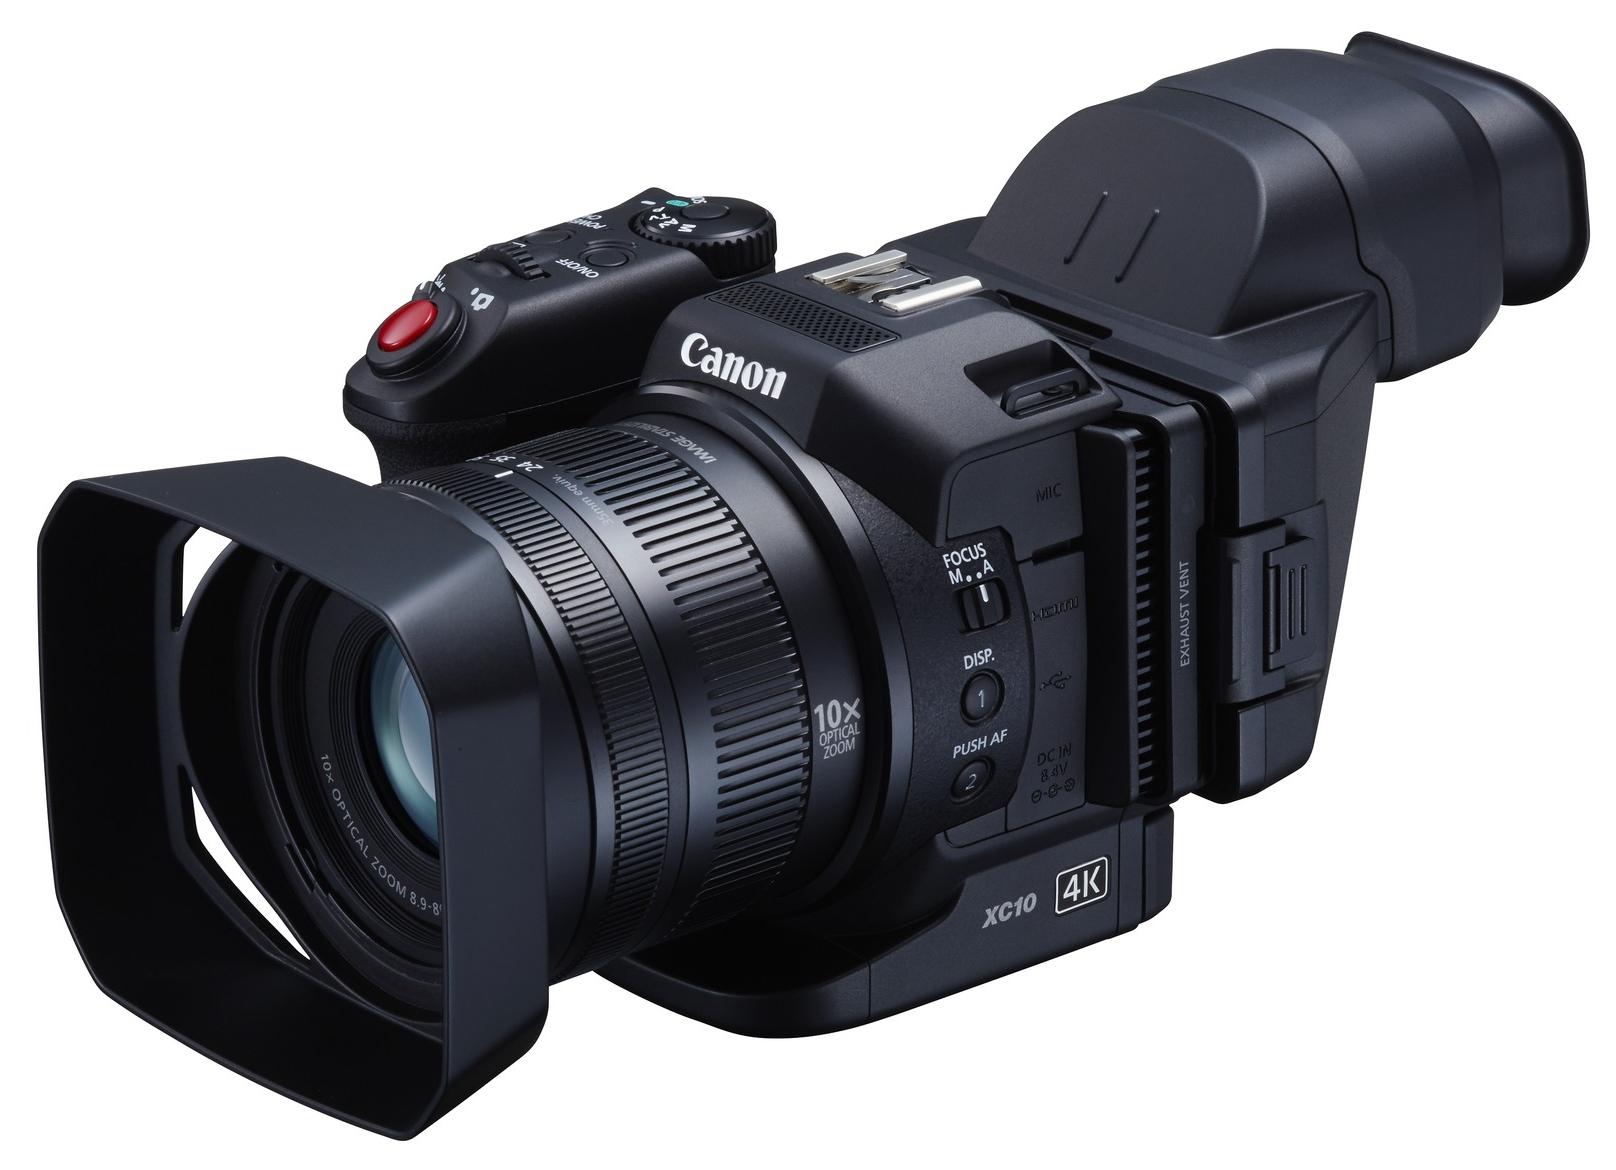 Canon CX10